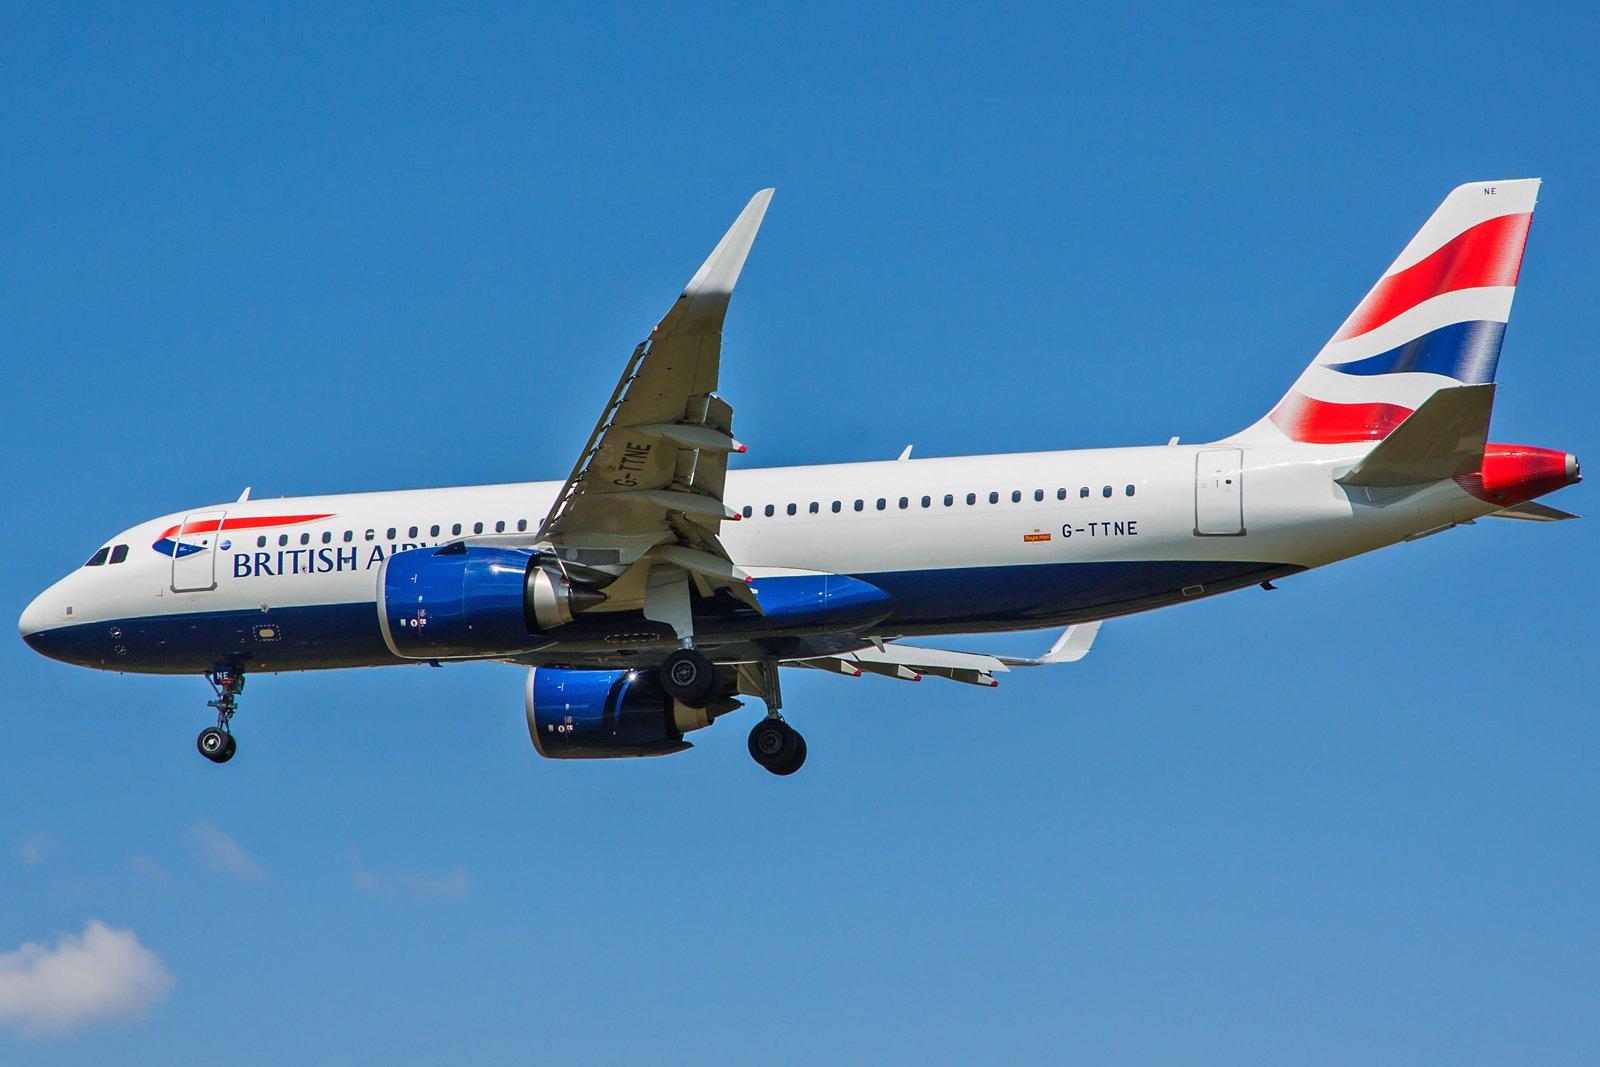 British Airways Airbus A320-251N G-TTNE